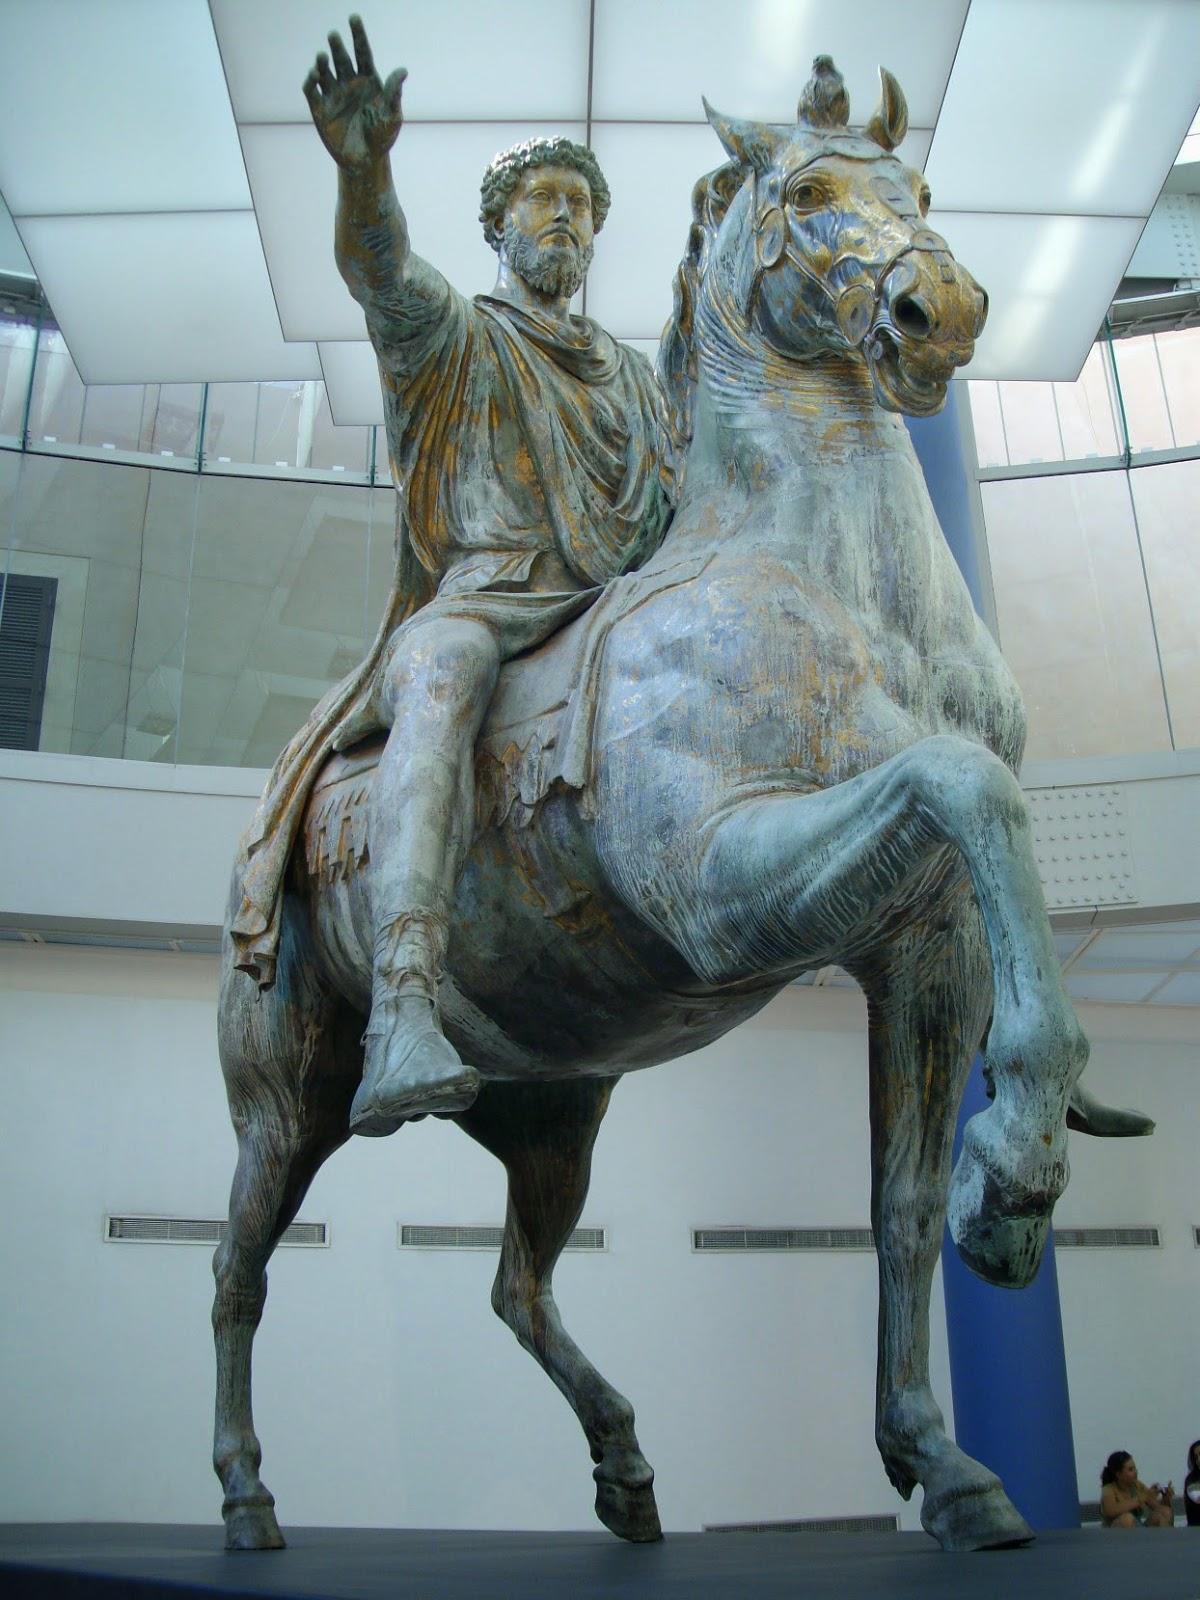 HISTORIA DEL ARTE. TEMAS Y SELECCIÓN DE IMÁGENES: Marco Aurelio